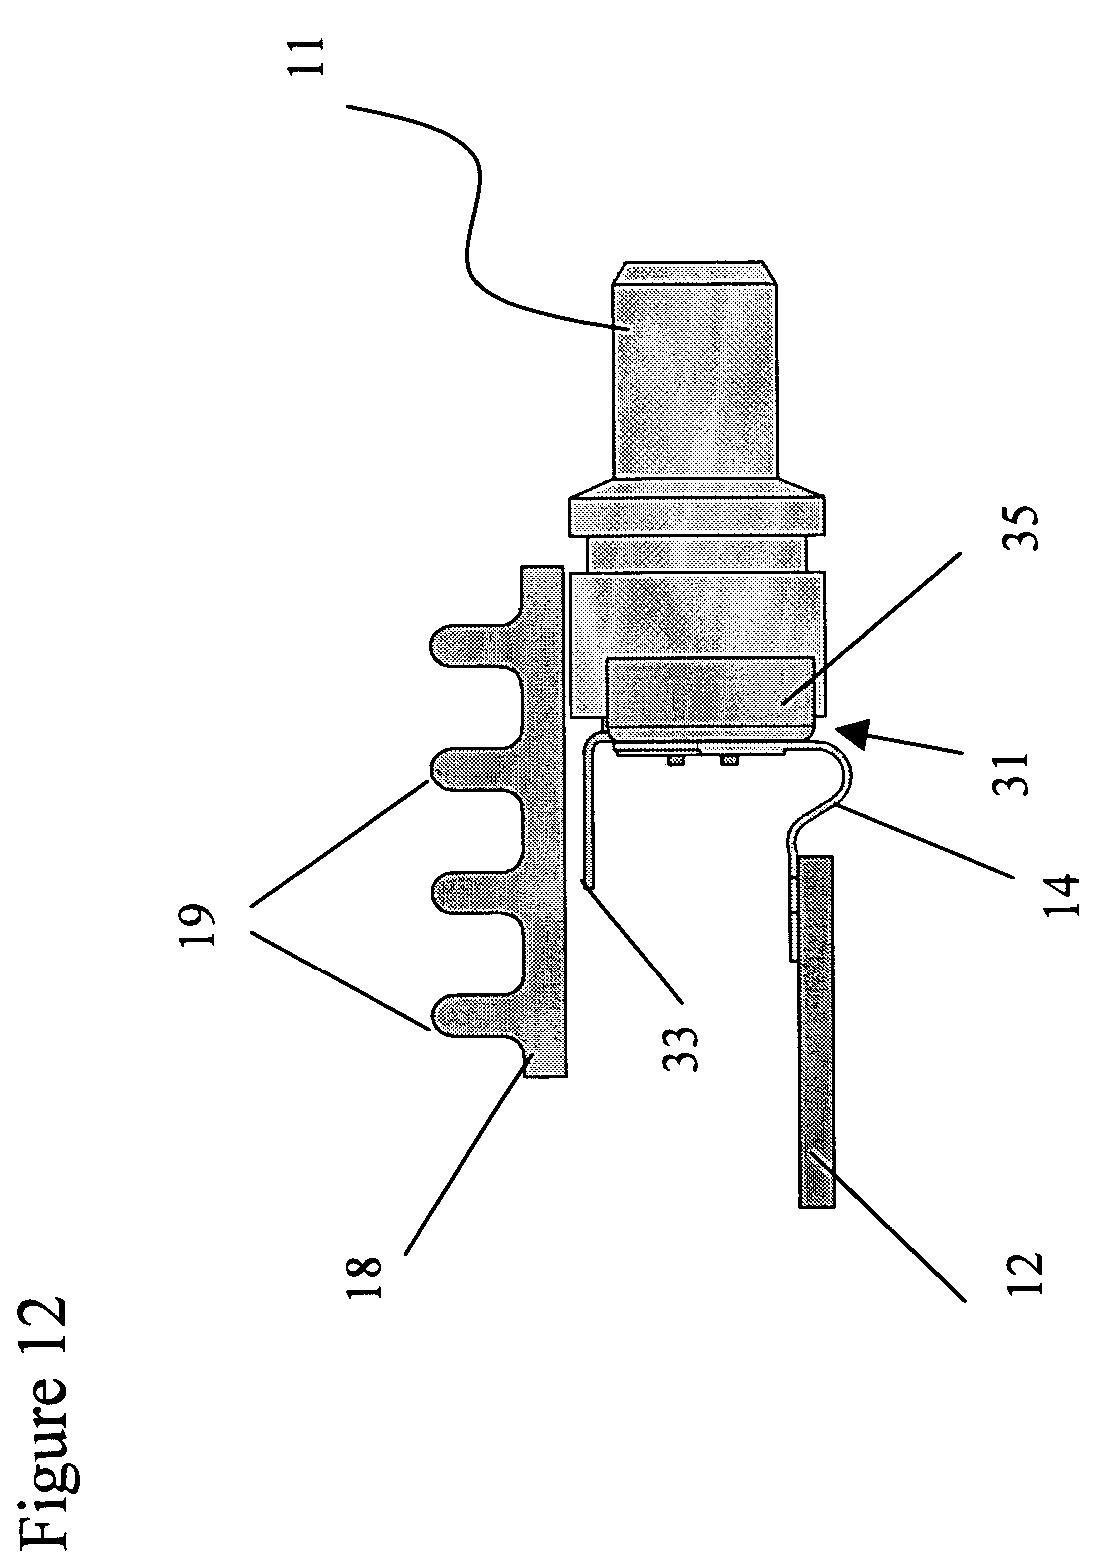 patent us7365923